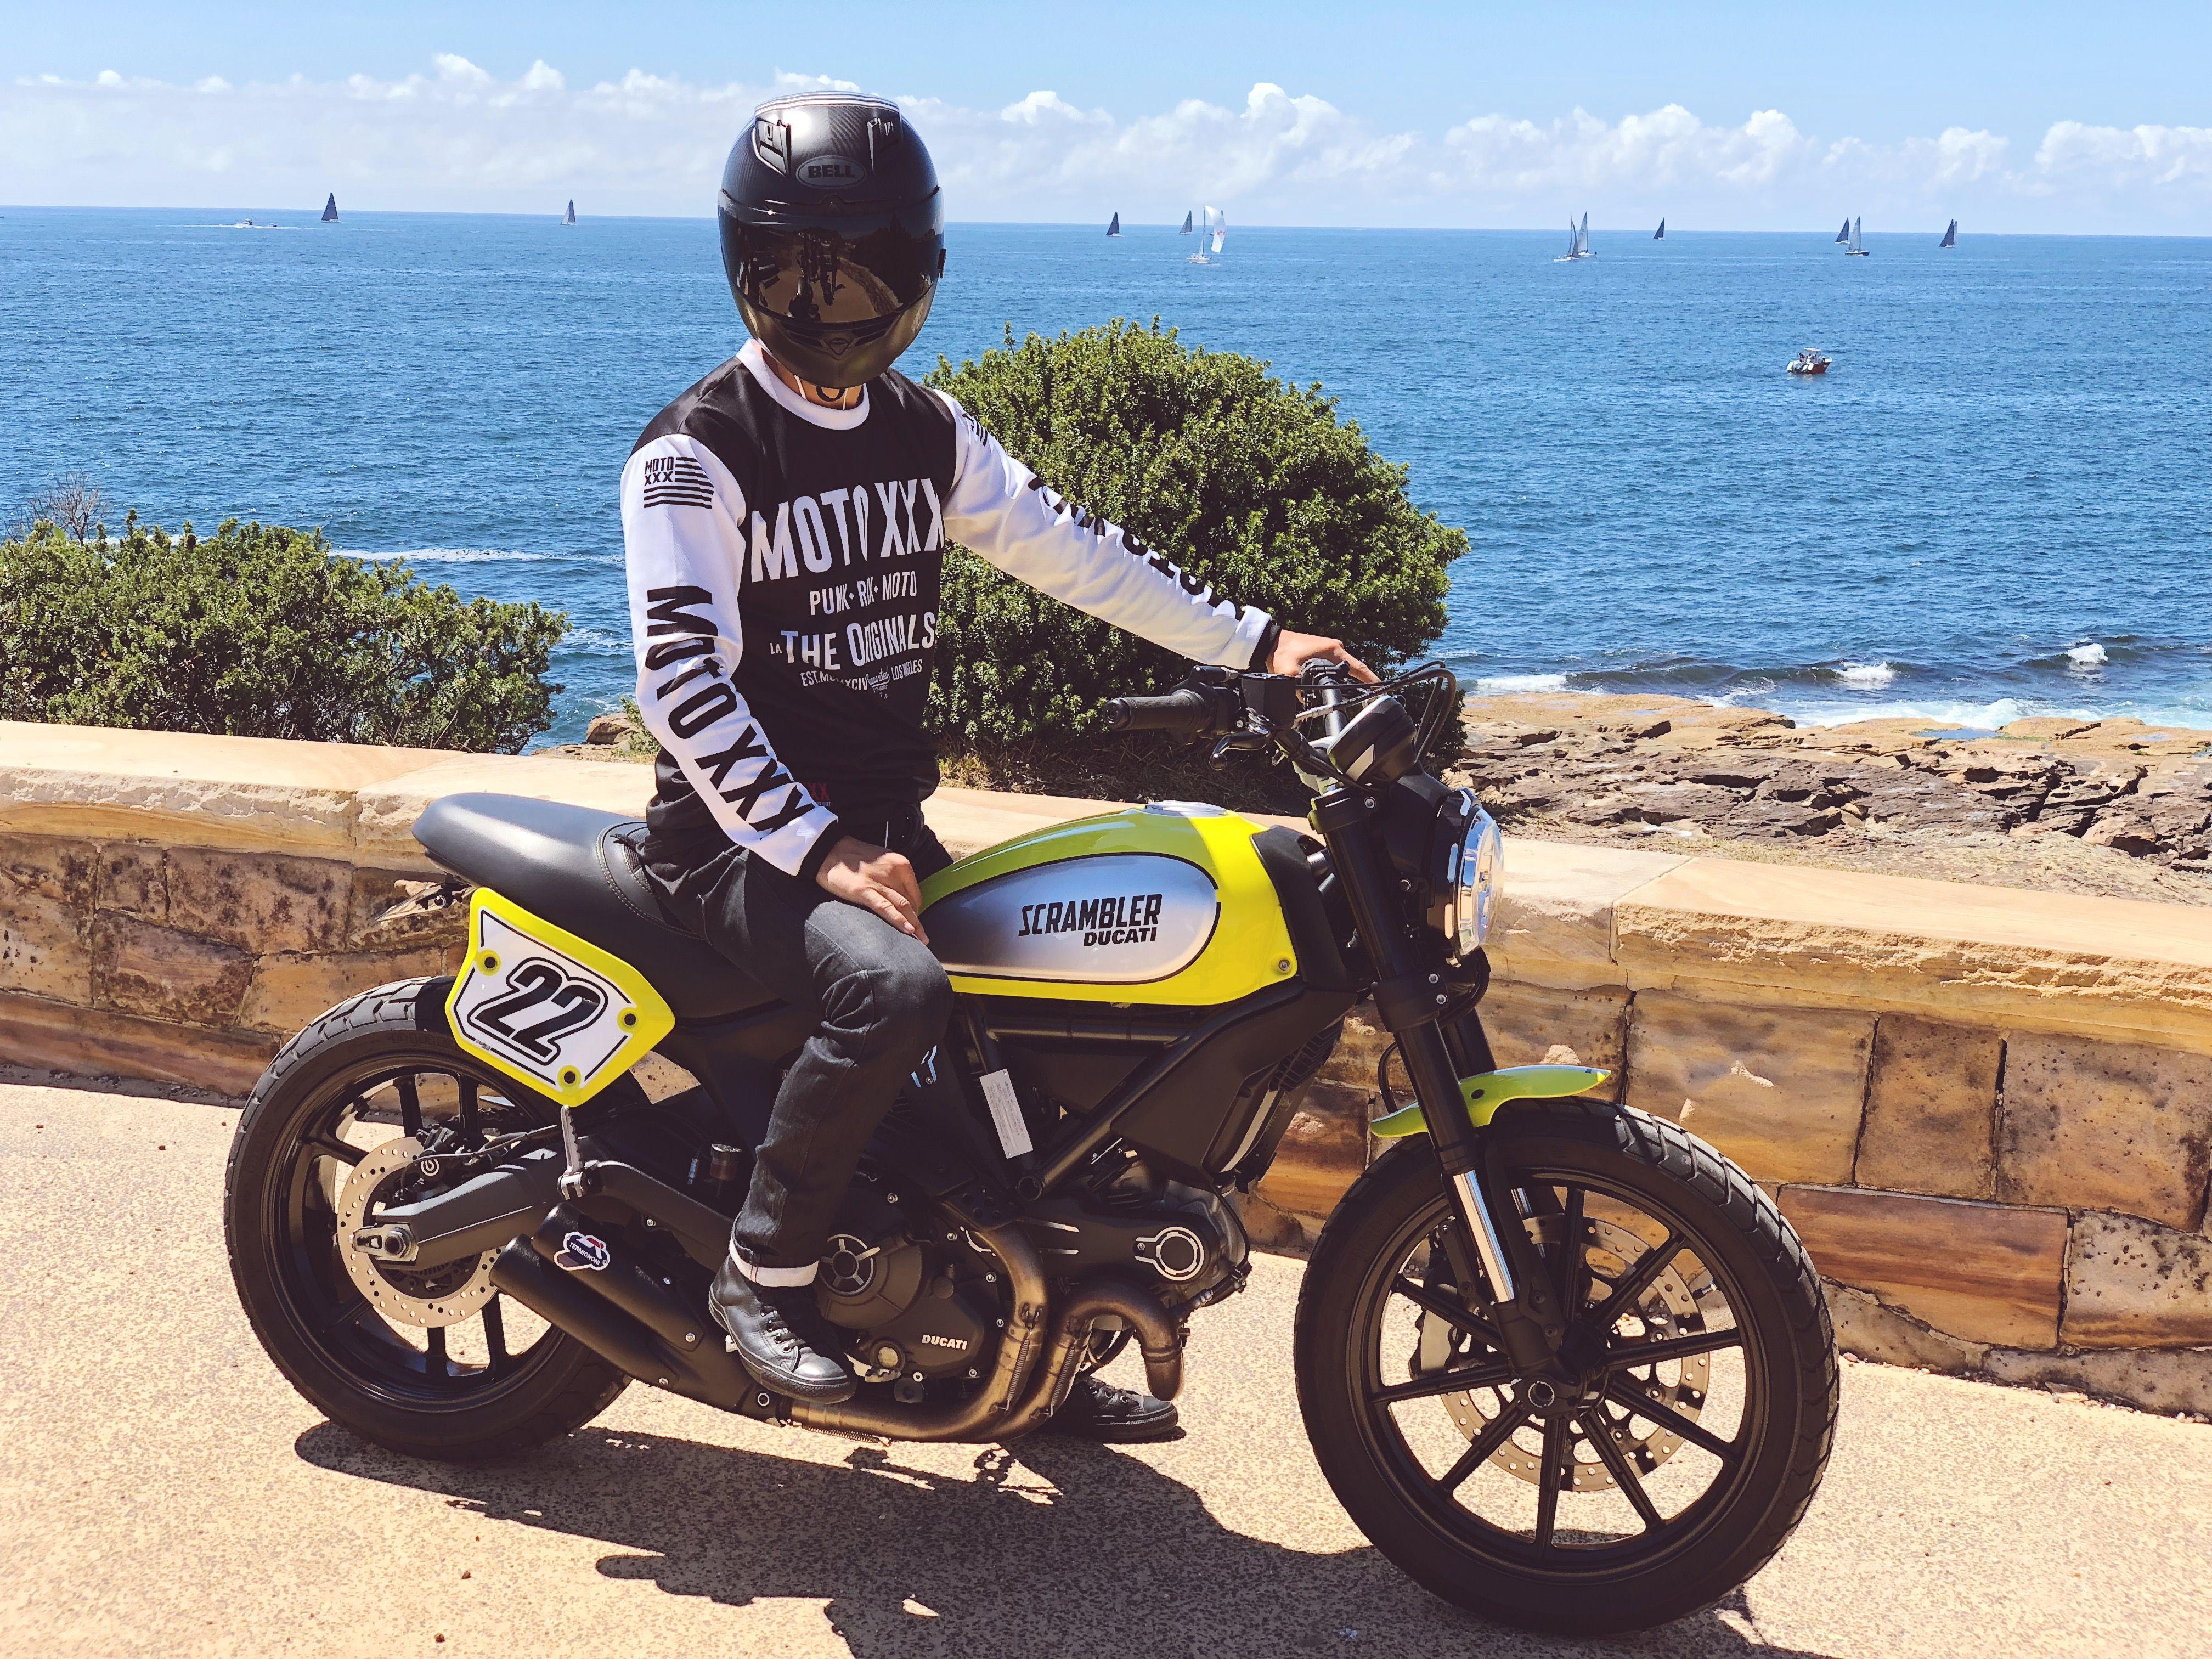 Ducati Scrambler Flat Track Pro Motorcycles Idea Ducati